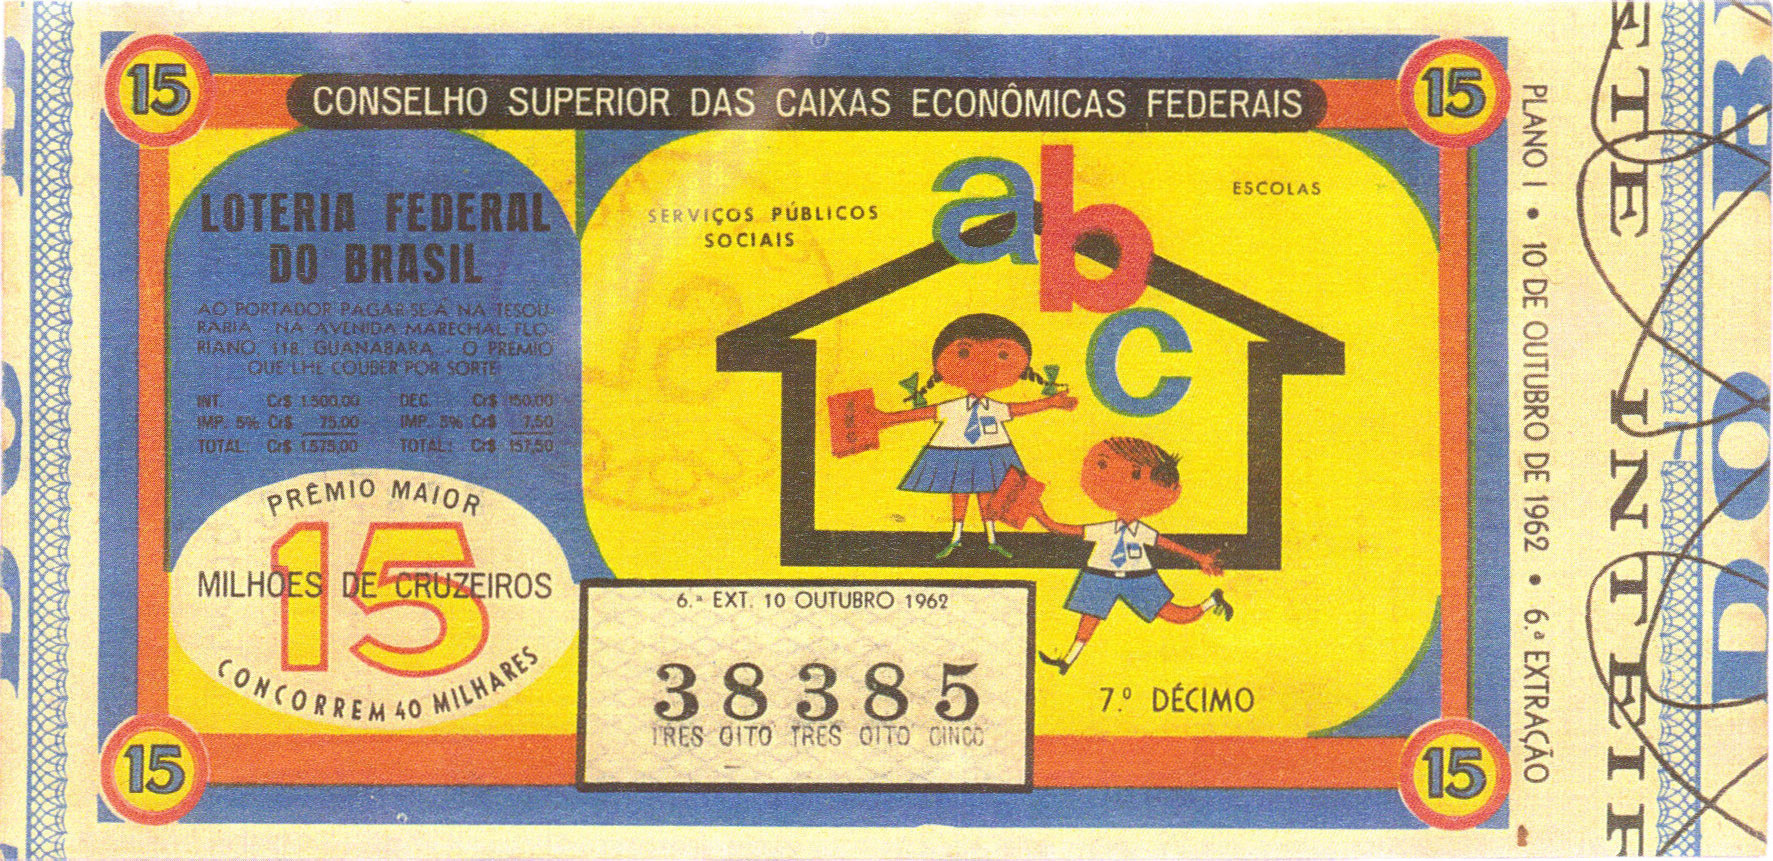 Extração 0006 - Serviços Públicos Sociais - Escolas